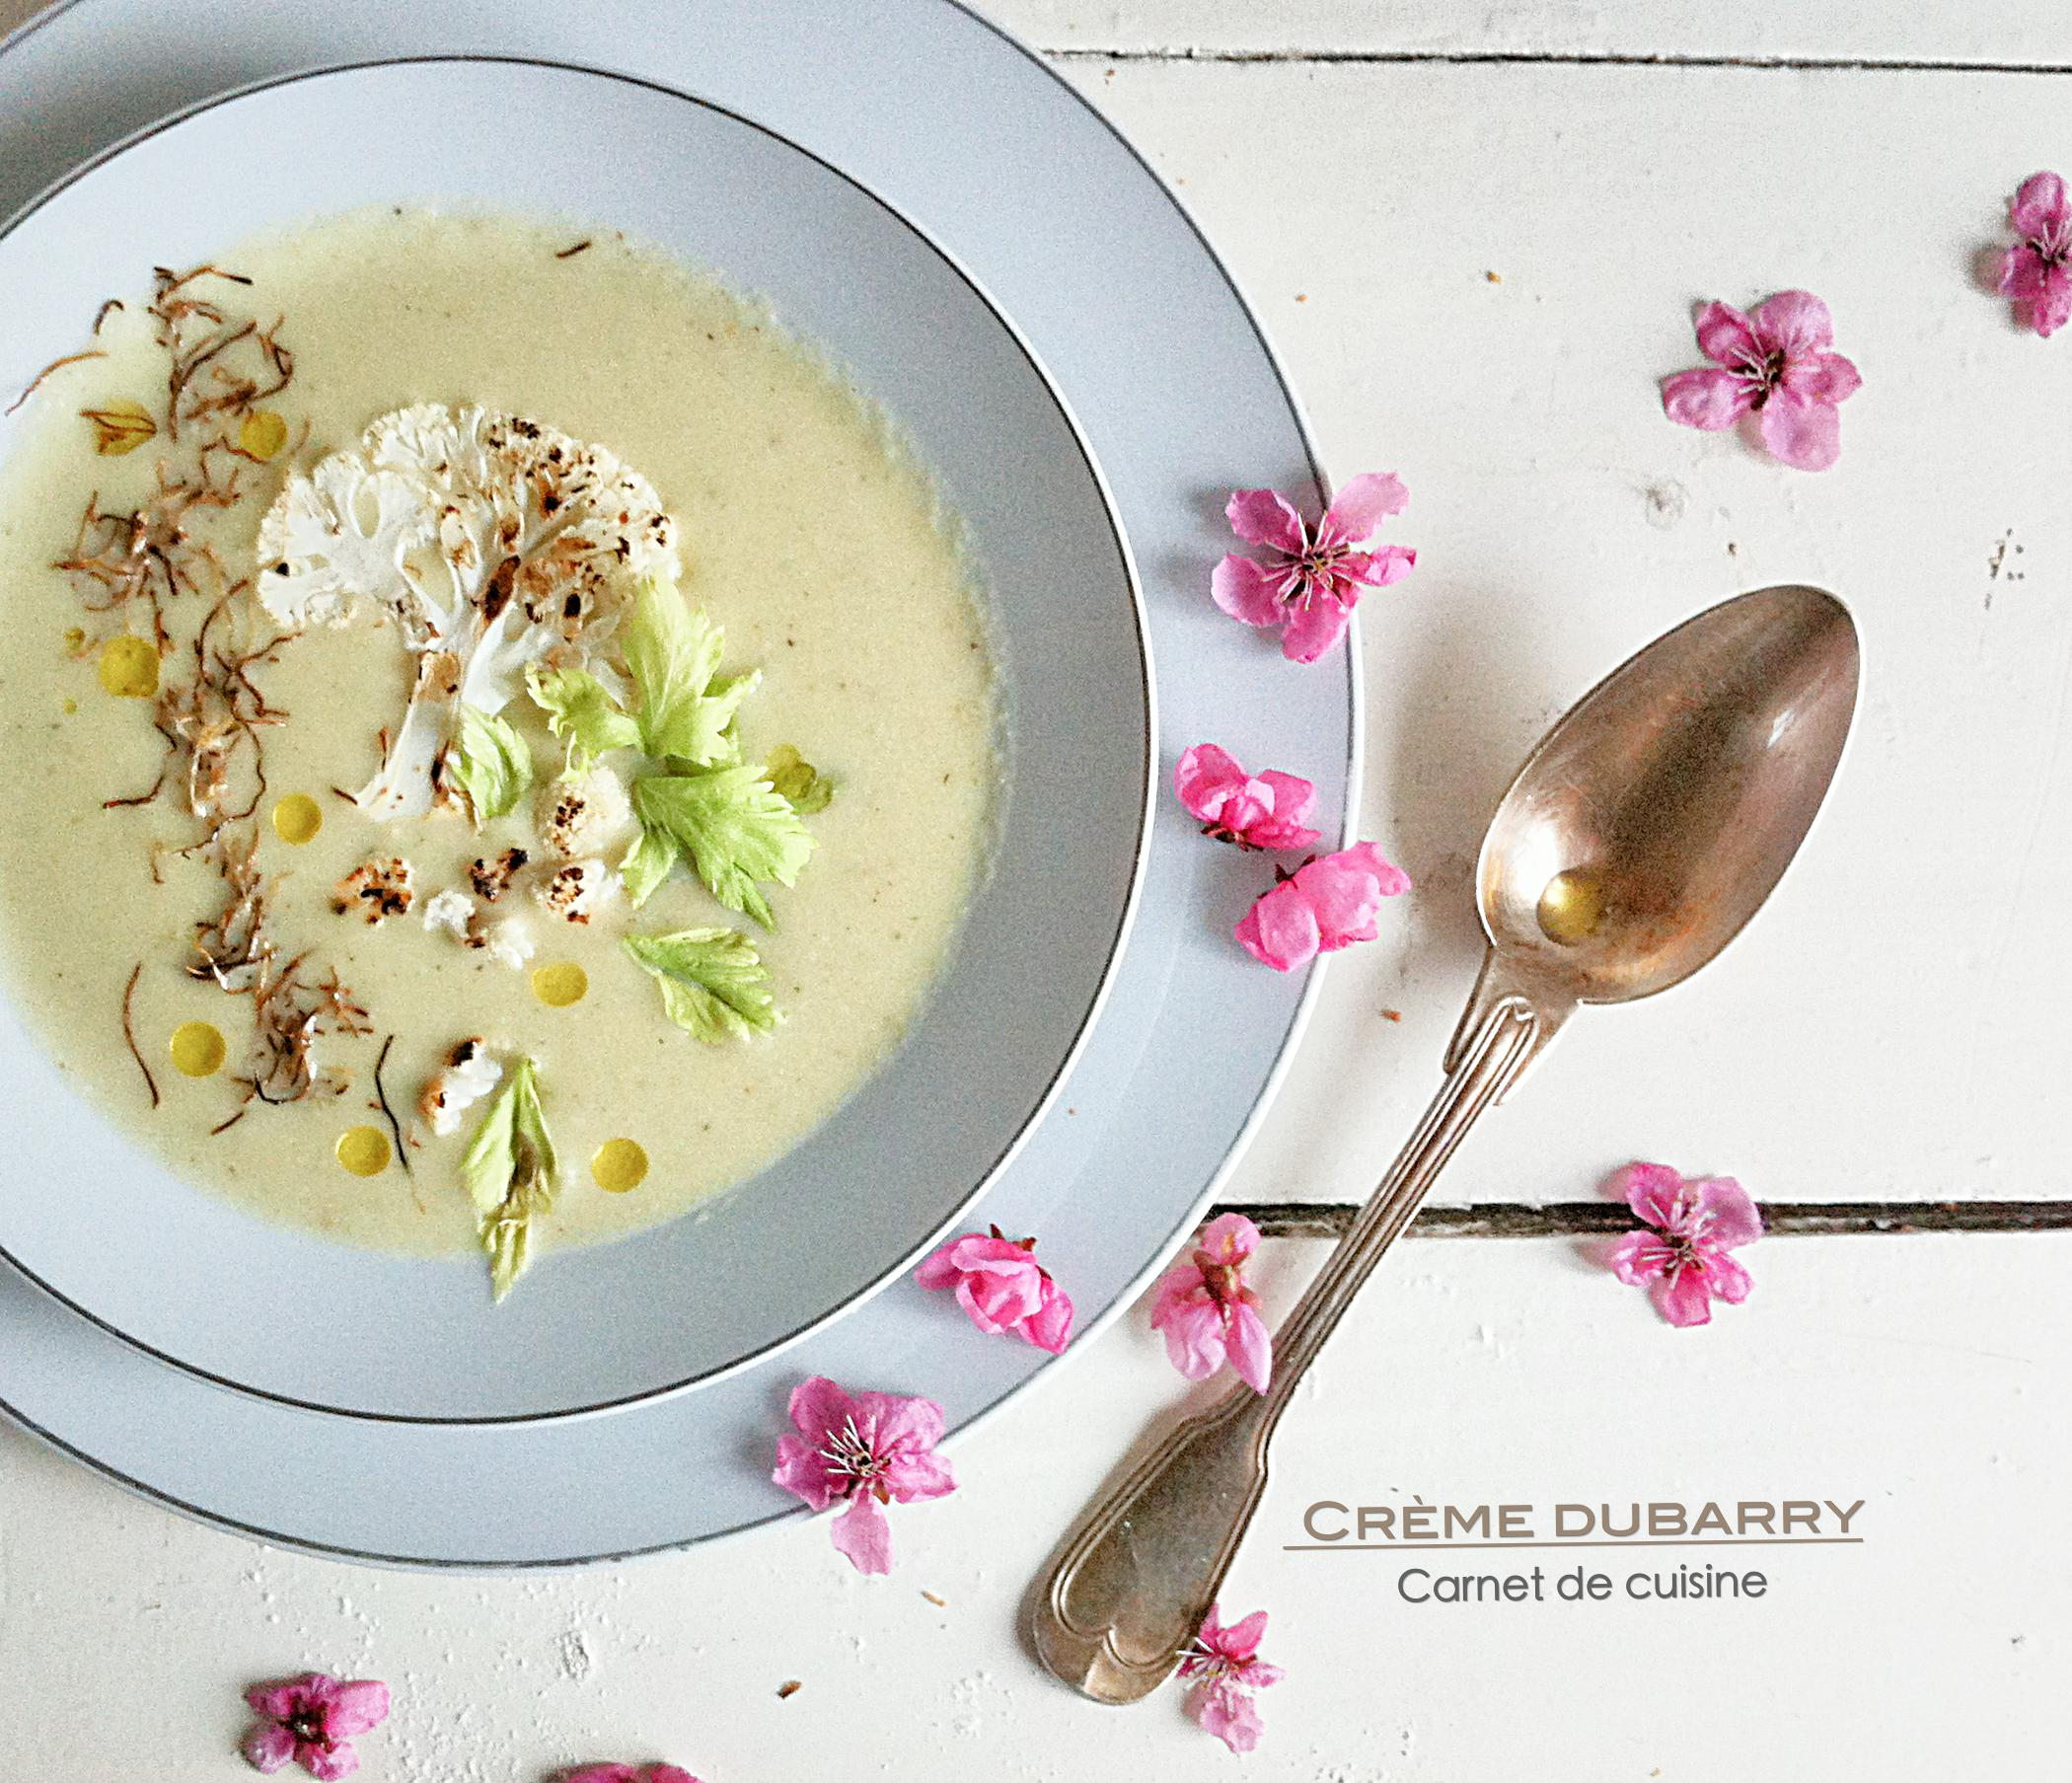 法國料理-情婦的濃湯奶油白花椰菜濃CRÈME DUBARRY – Carnet de Cuisine